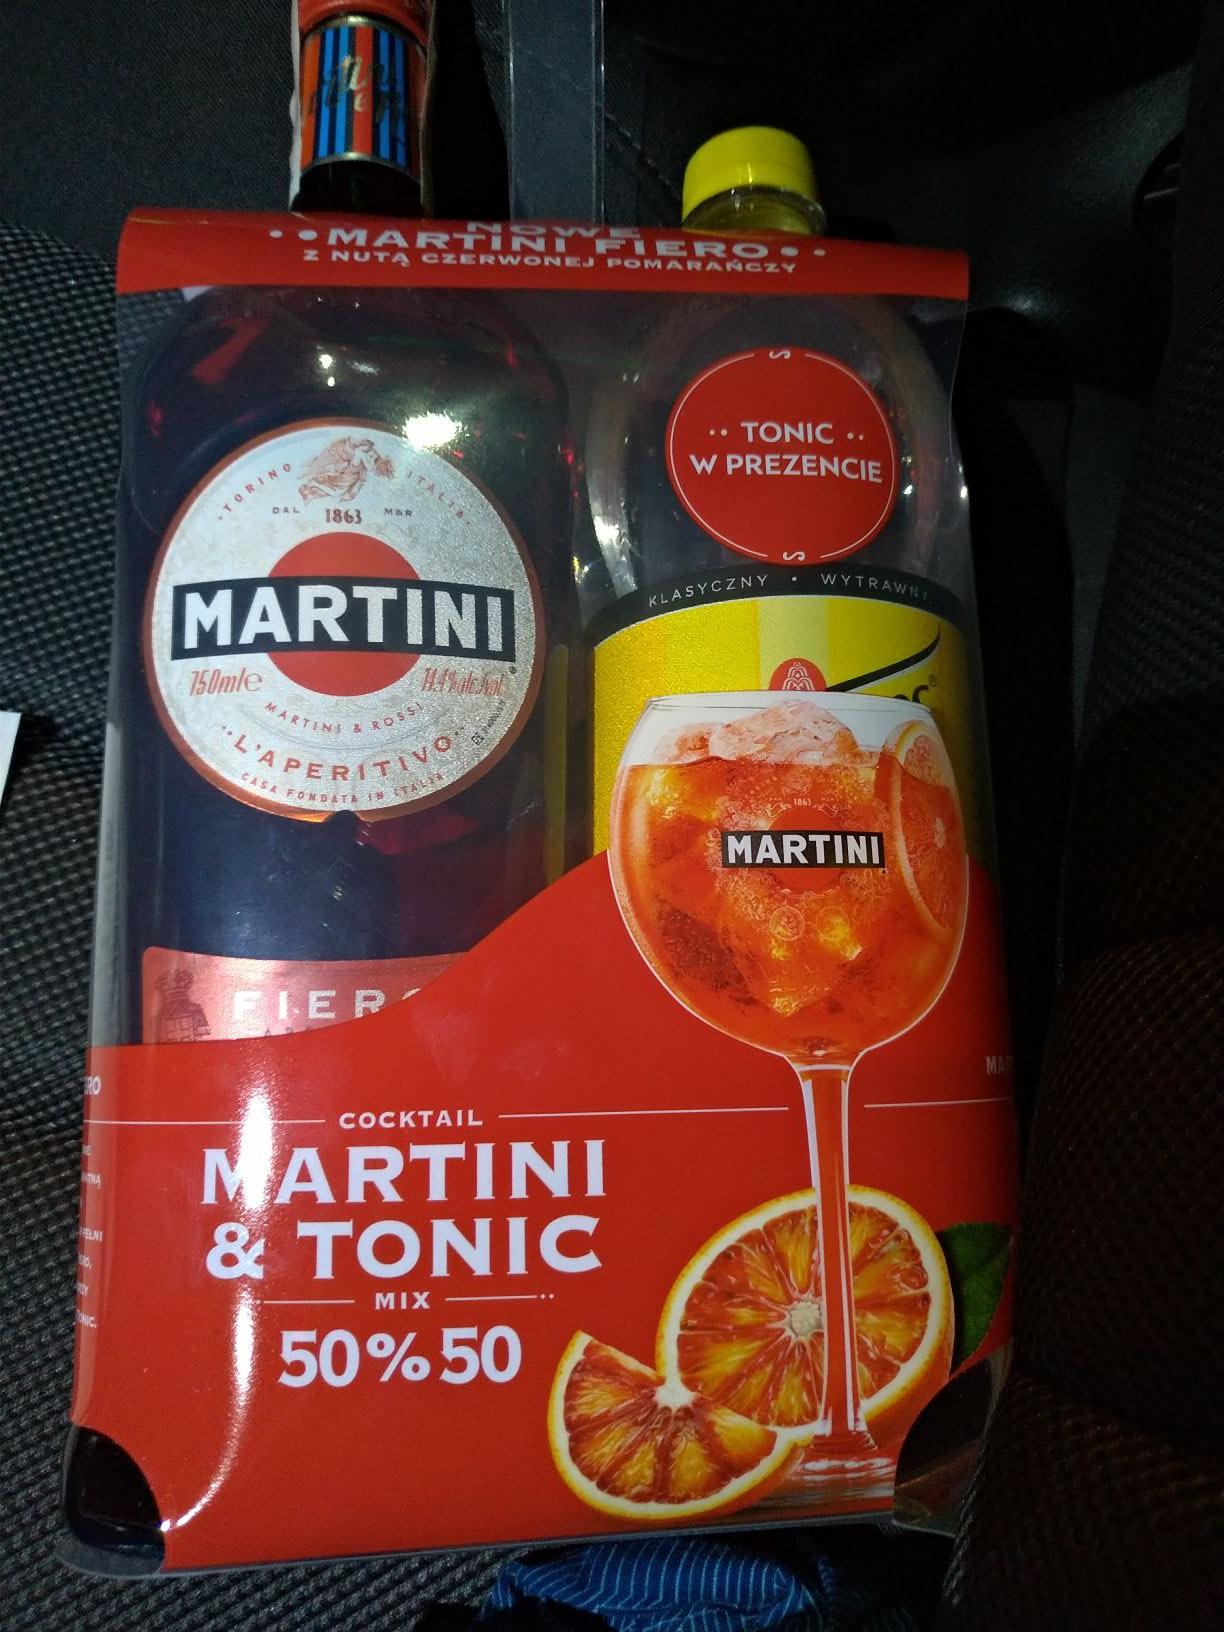 Martini Fiero 0,75 + tonic schweppes 0,9 zestaw biedronka